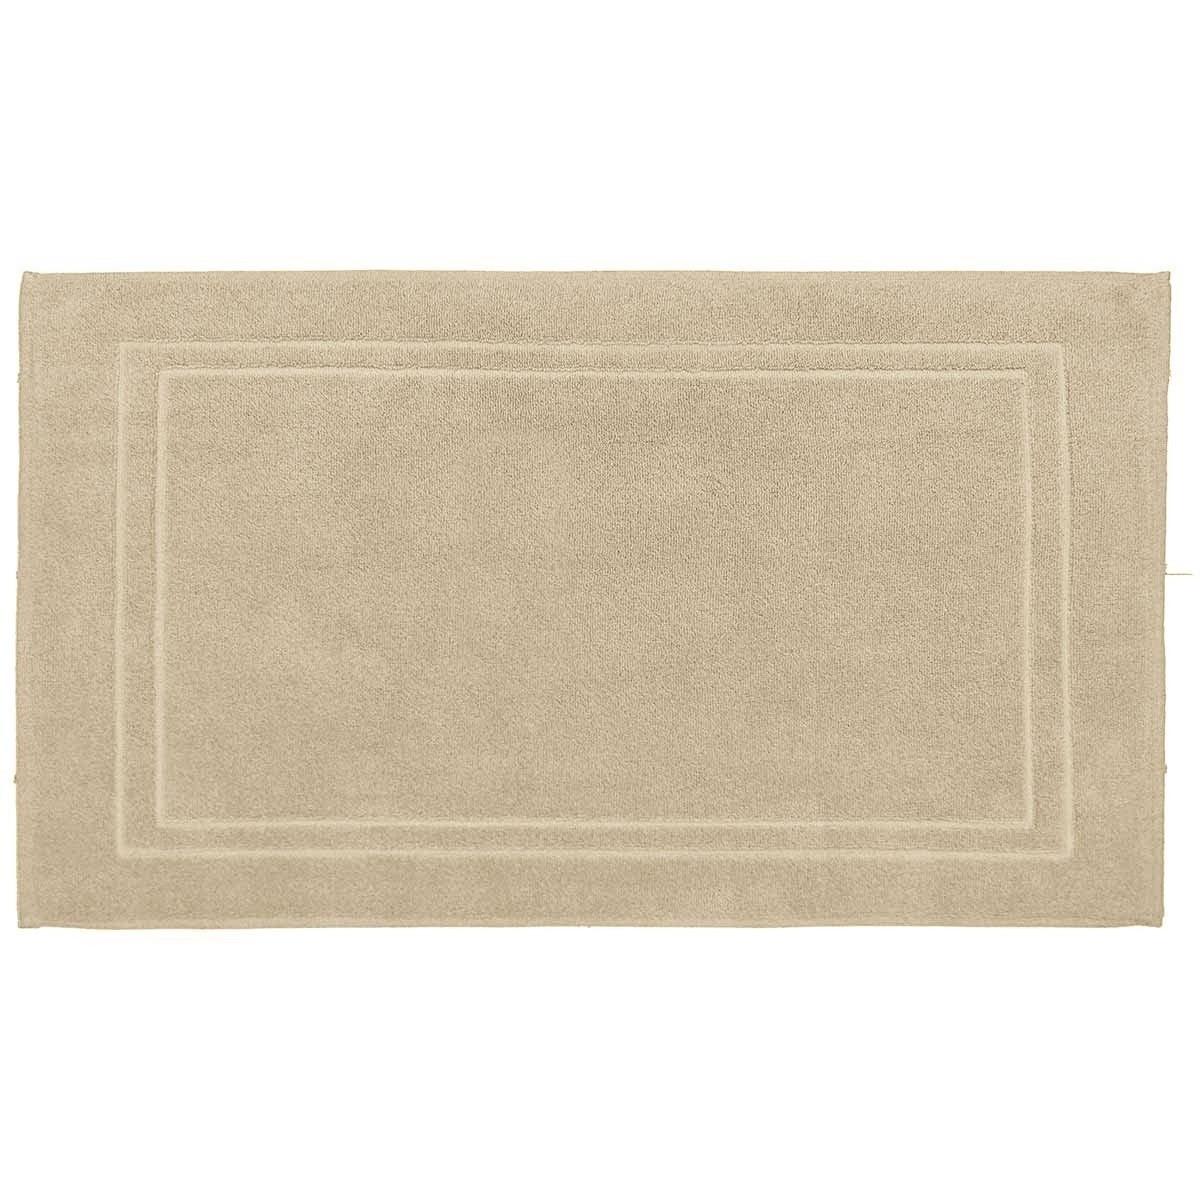 LUXURY - Tapis de bain 900gr/m²  Ficelle 50x80 cm